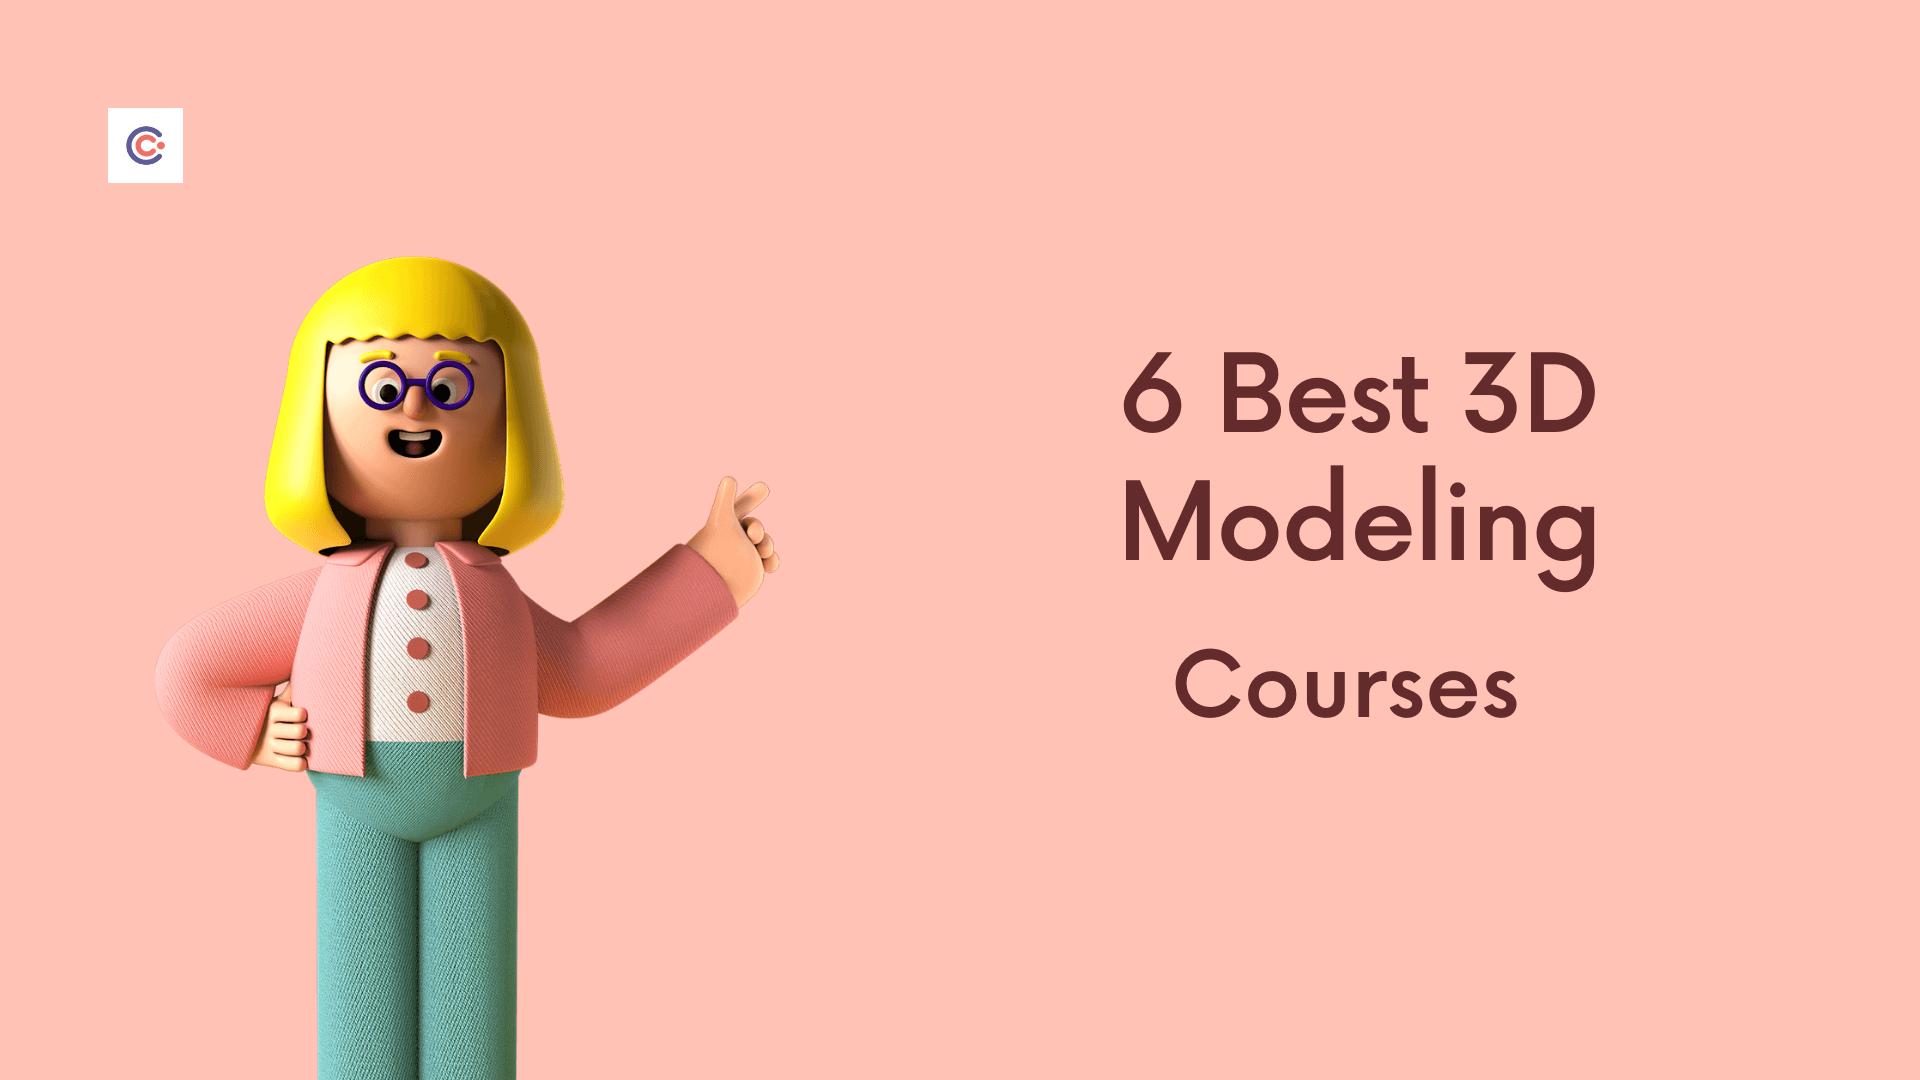 6 Best 3D Modeling Courses - Learn 3D Modeling